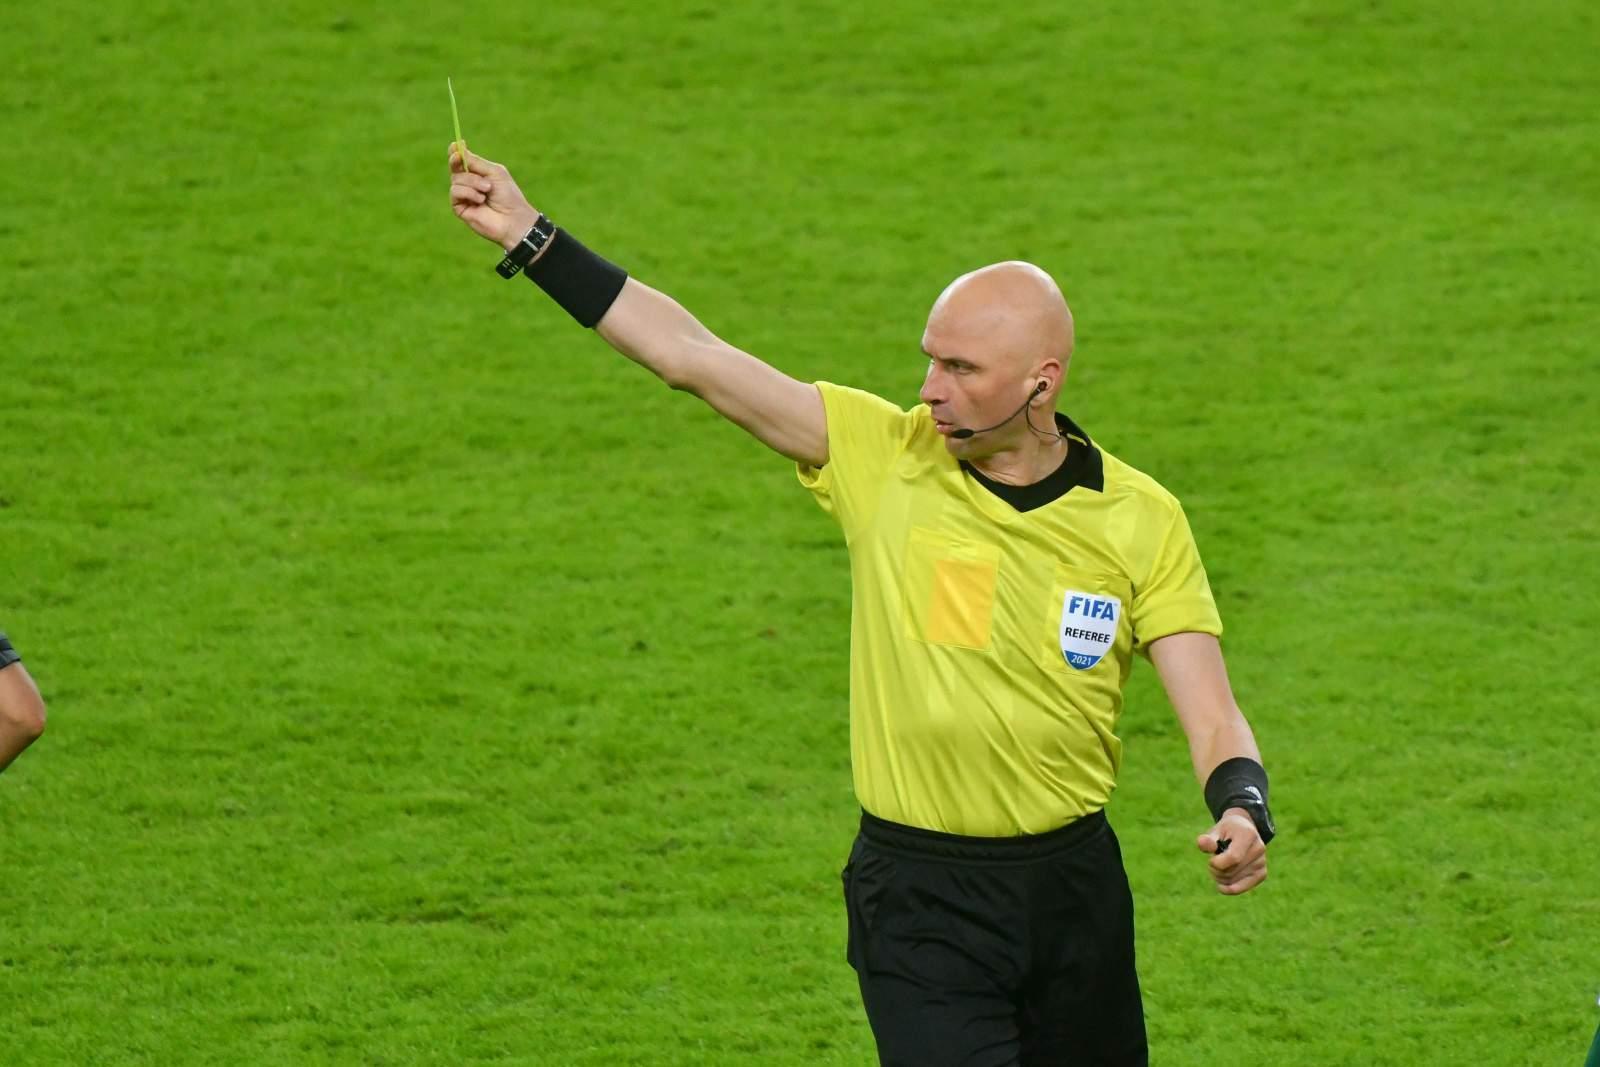 Карасёв получил назначение на матч Лиги чемпионов